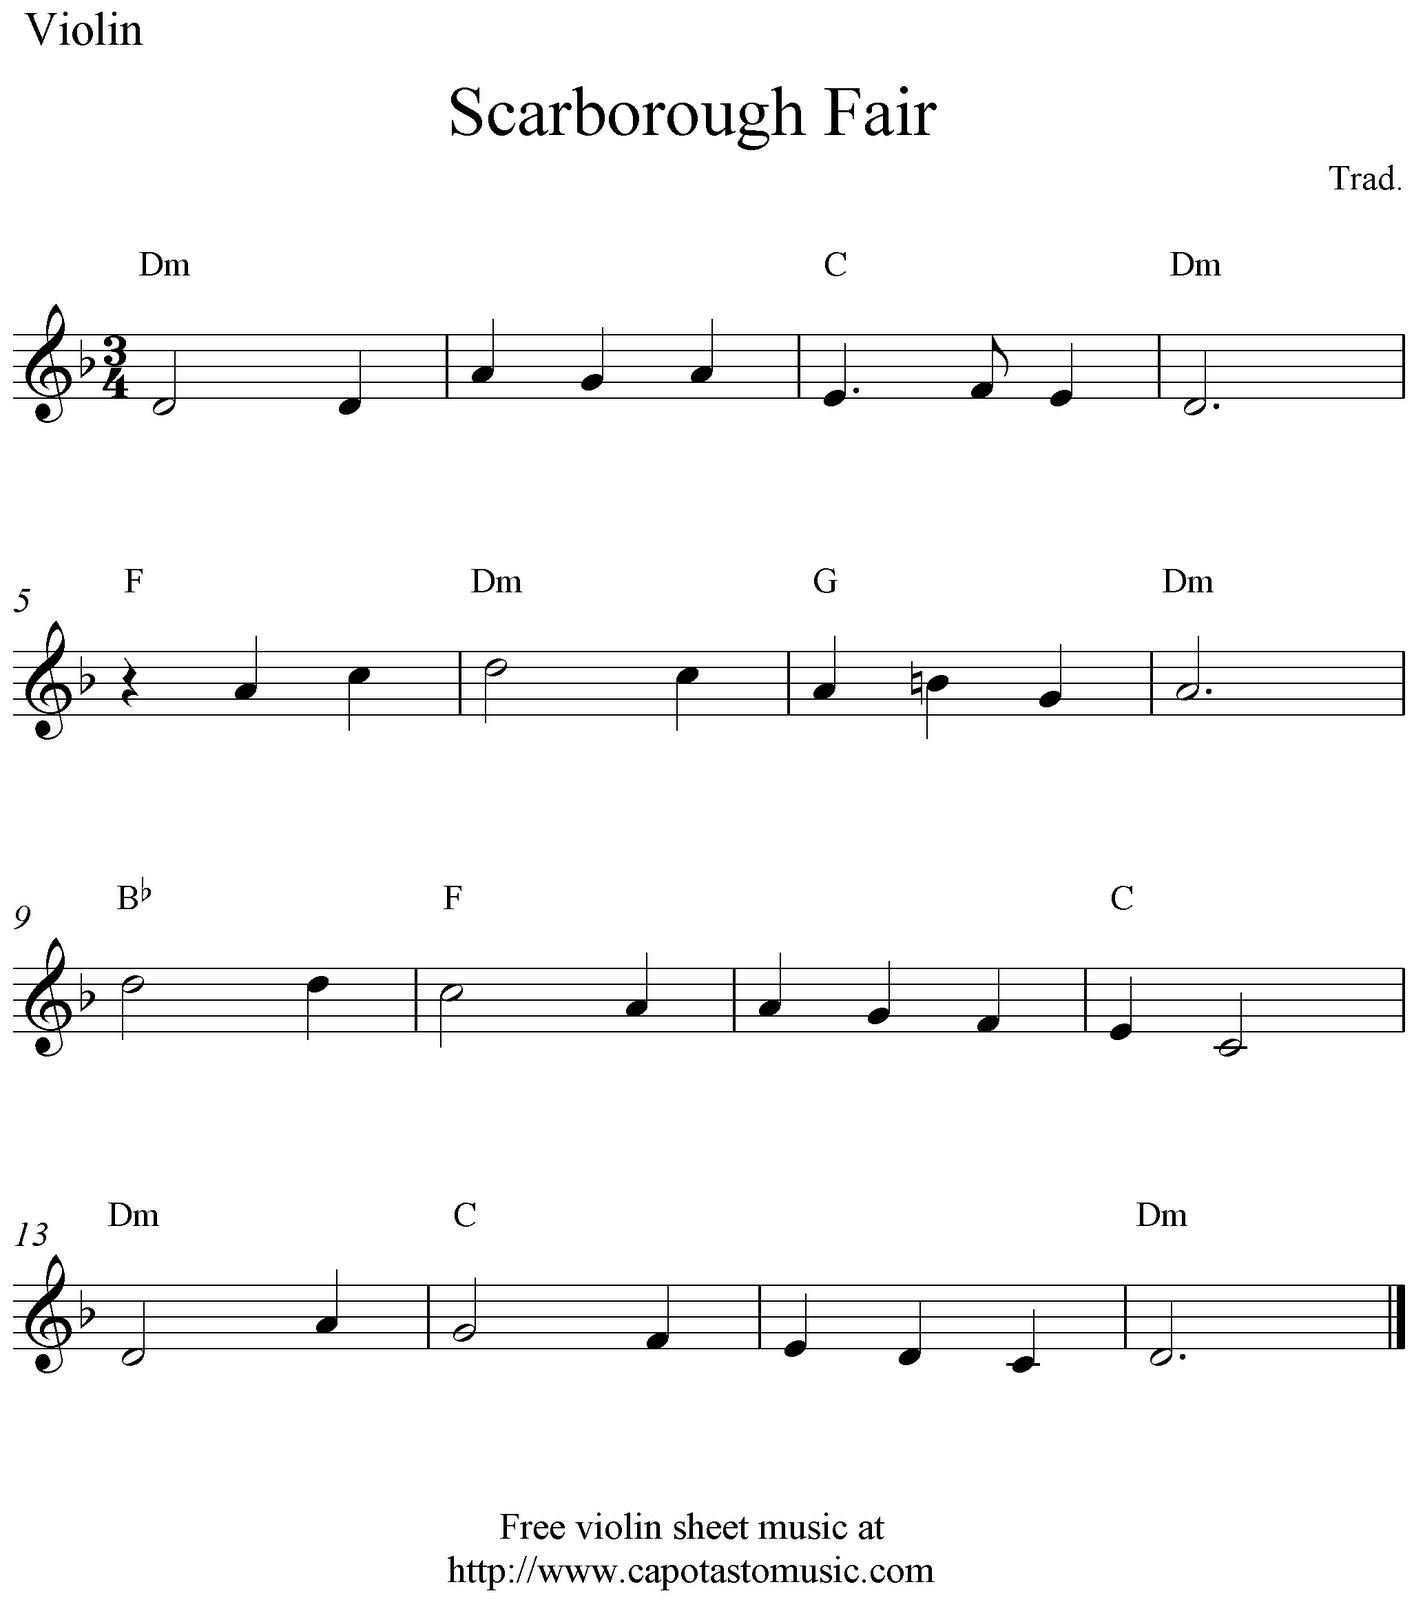 Free Sheet Music Scores: Scarborough Fair, free violin sheet music ...